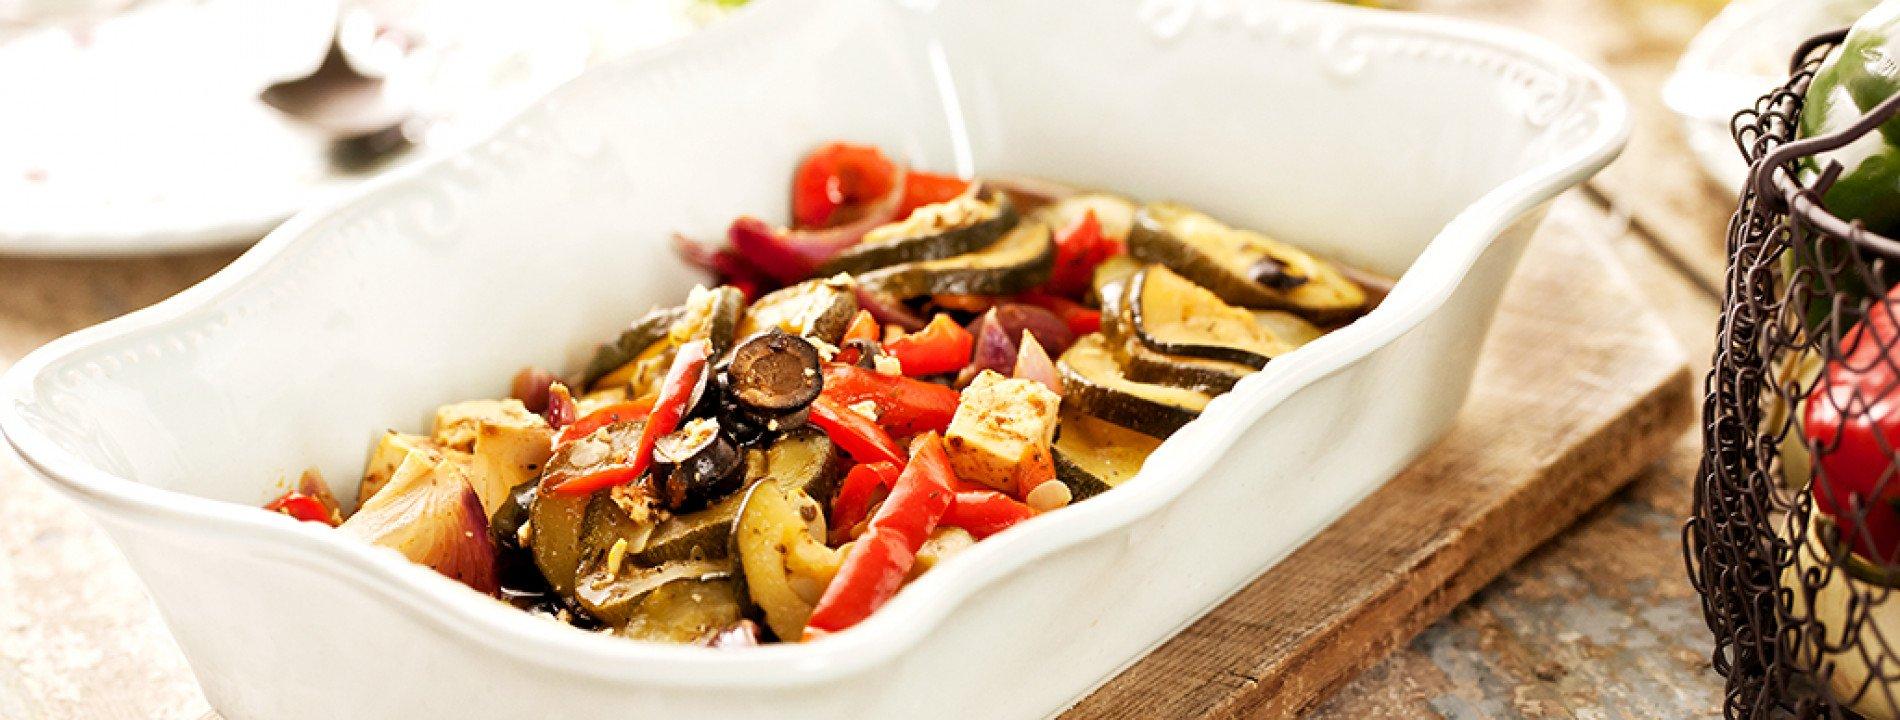 Legumes e Queijo Feta no Forno